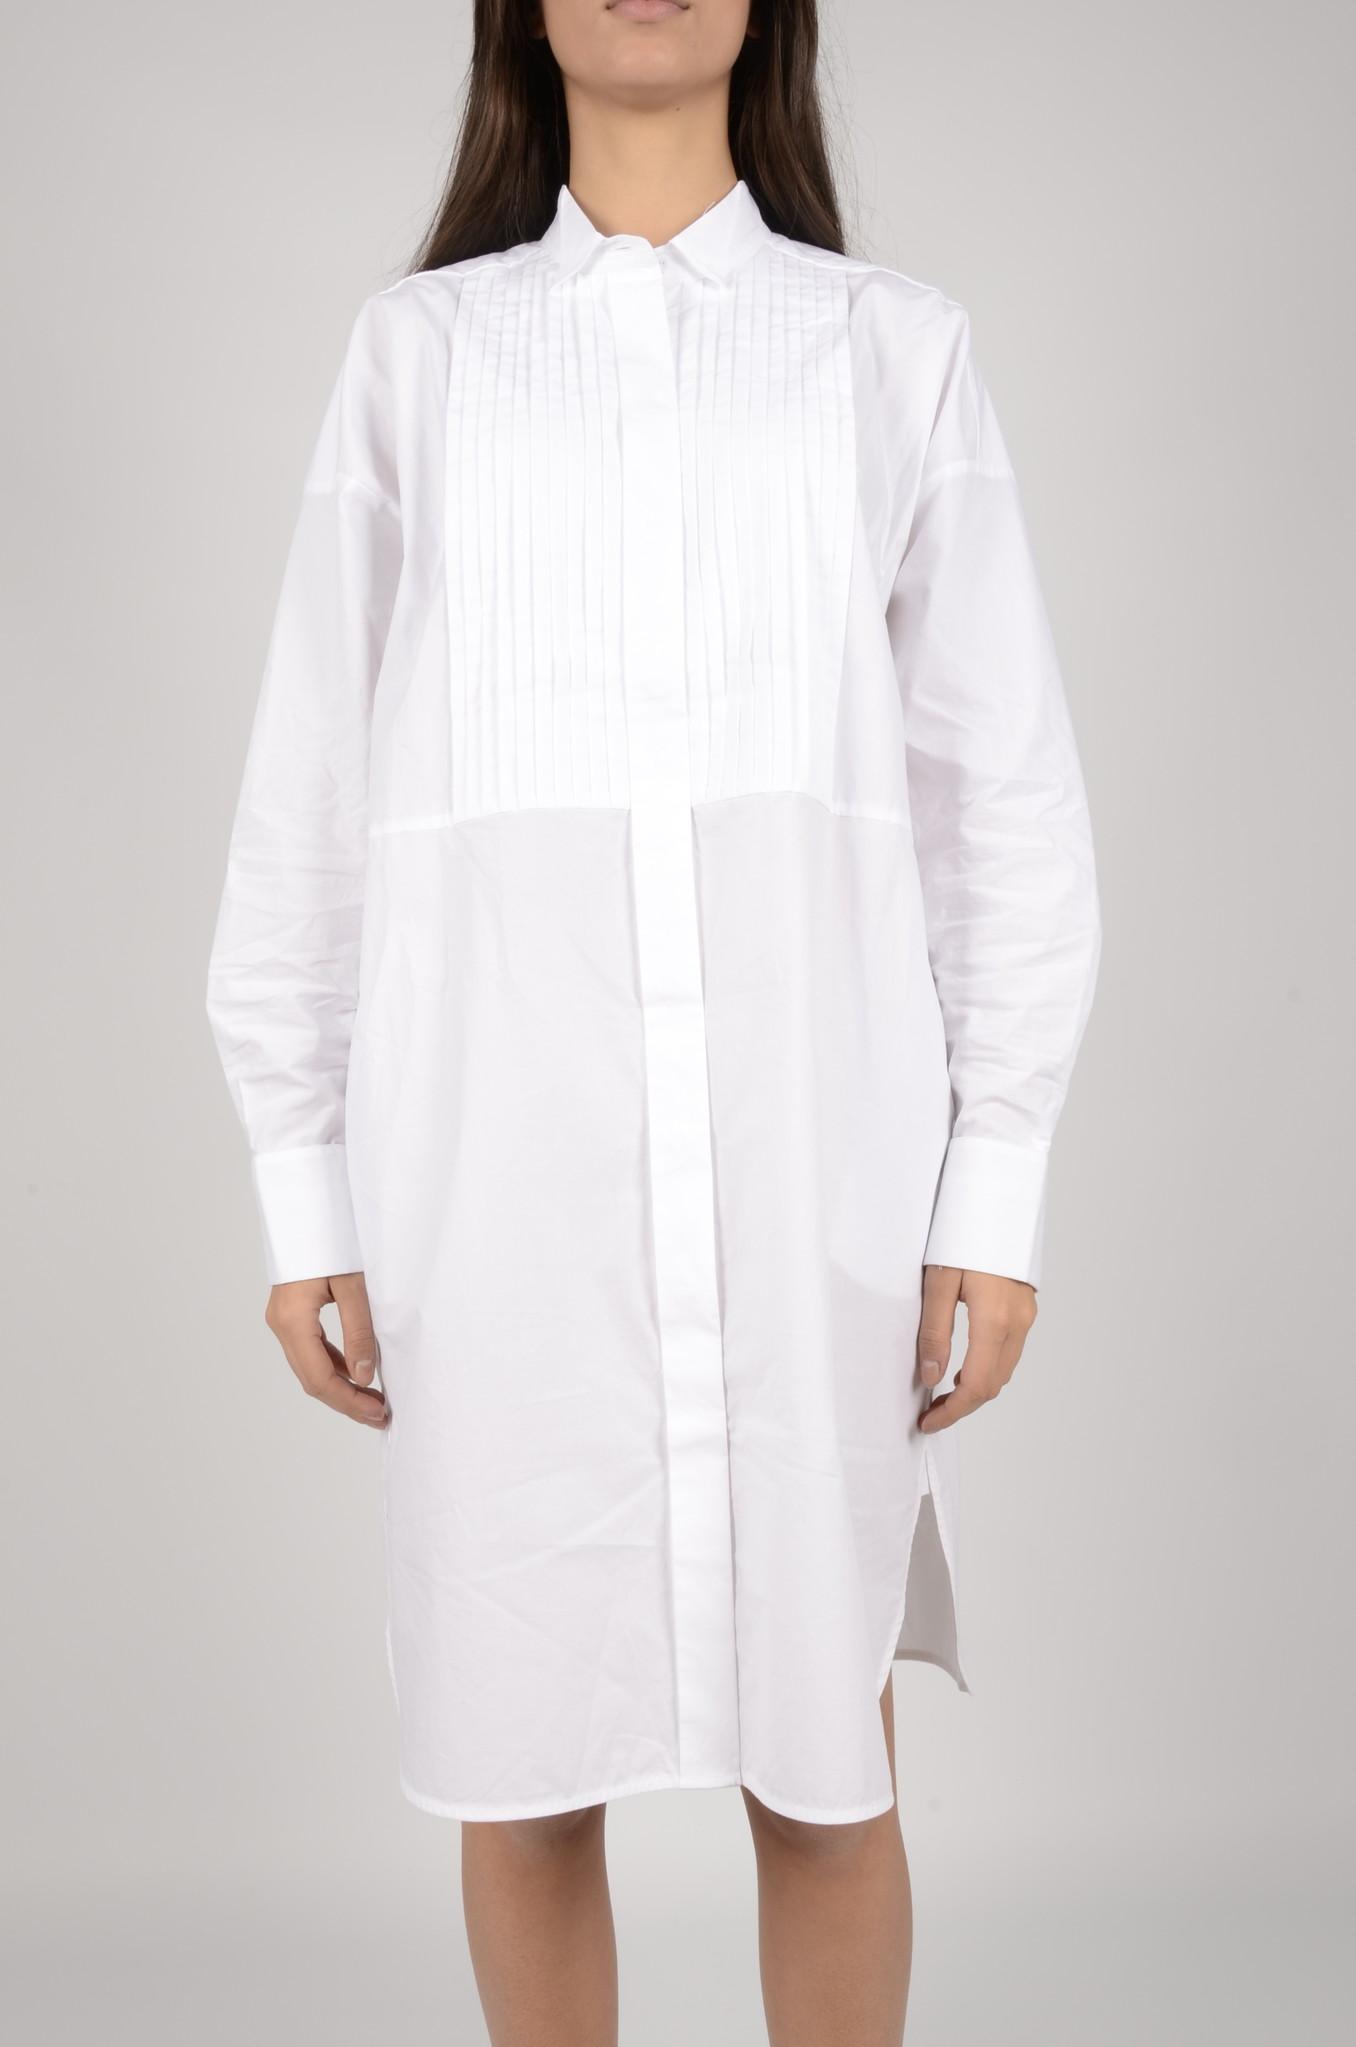 ANDREW DRESS-1